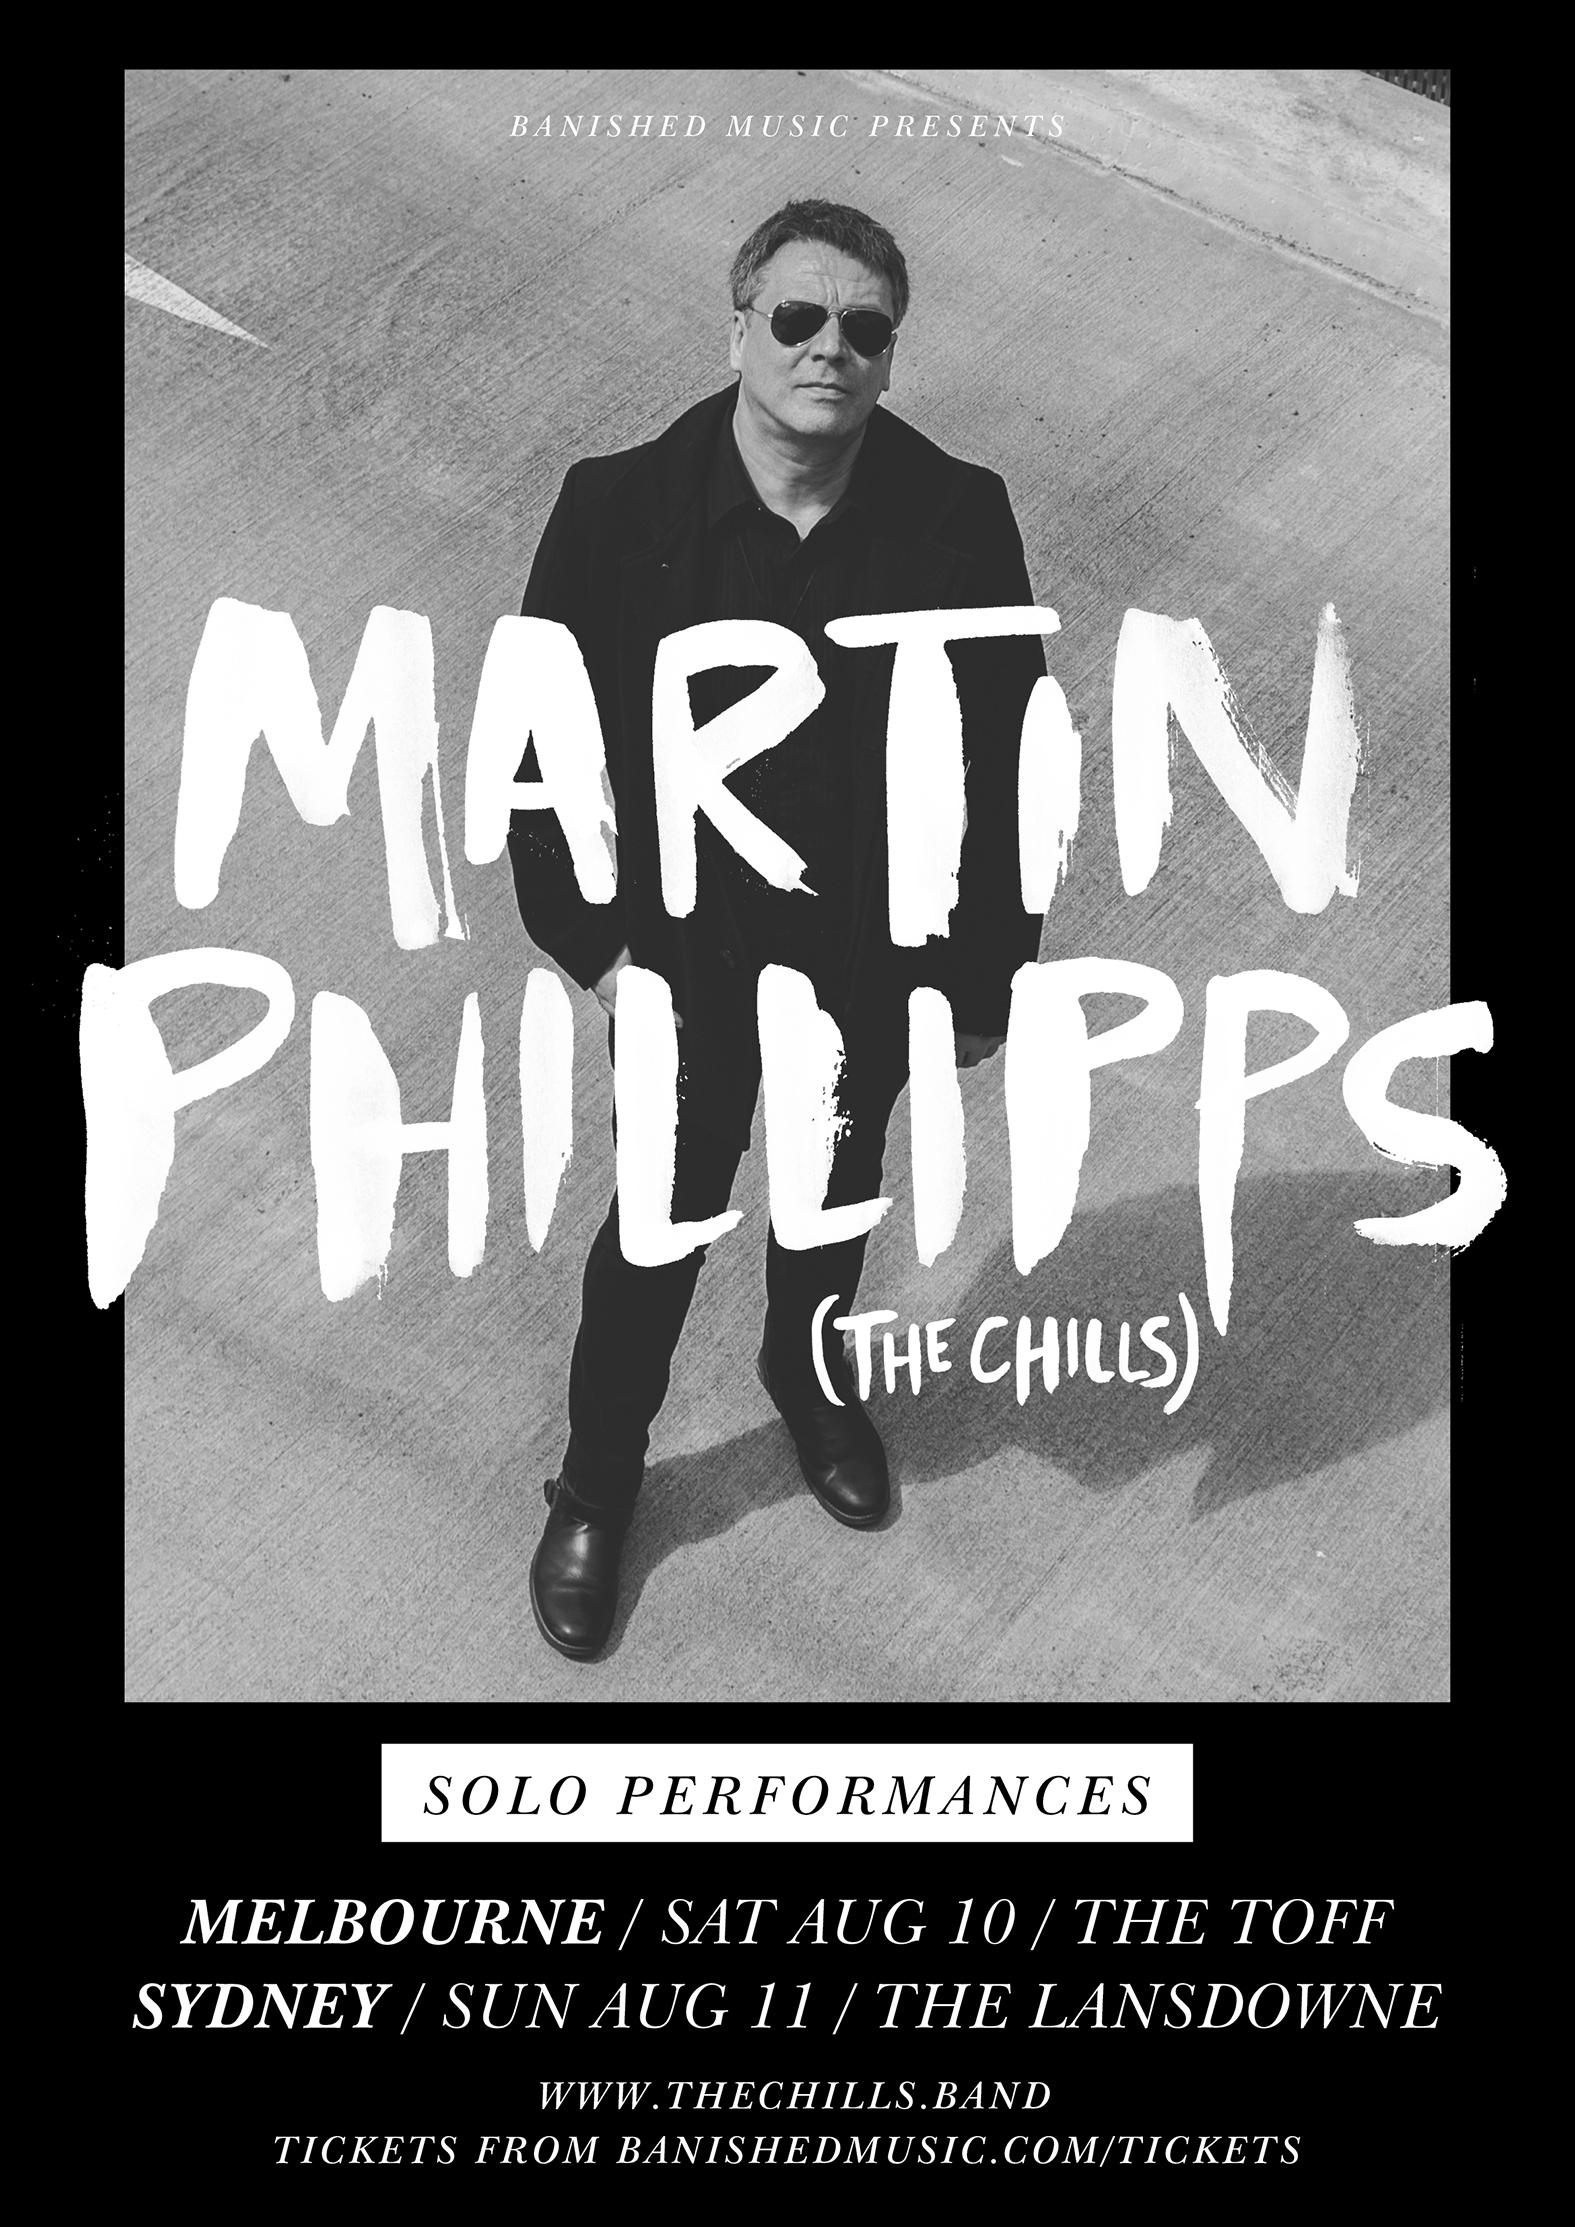 Martin Phillipps_POSTER-WEB.jpg